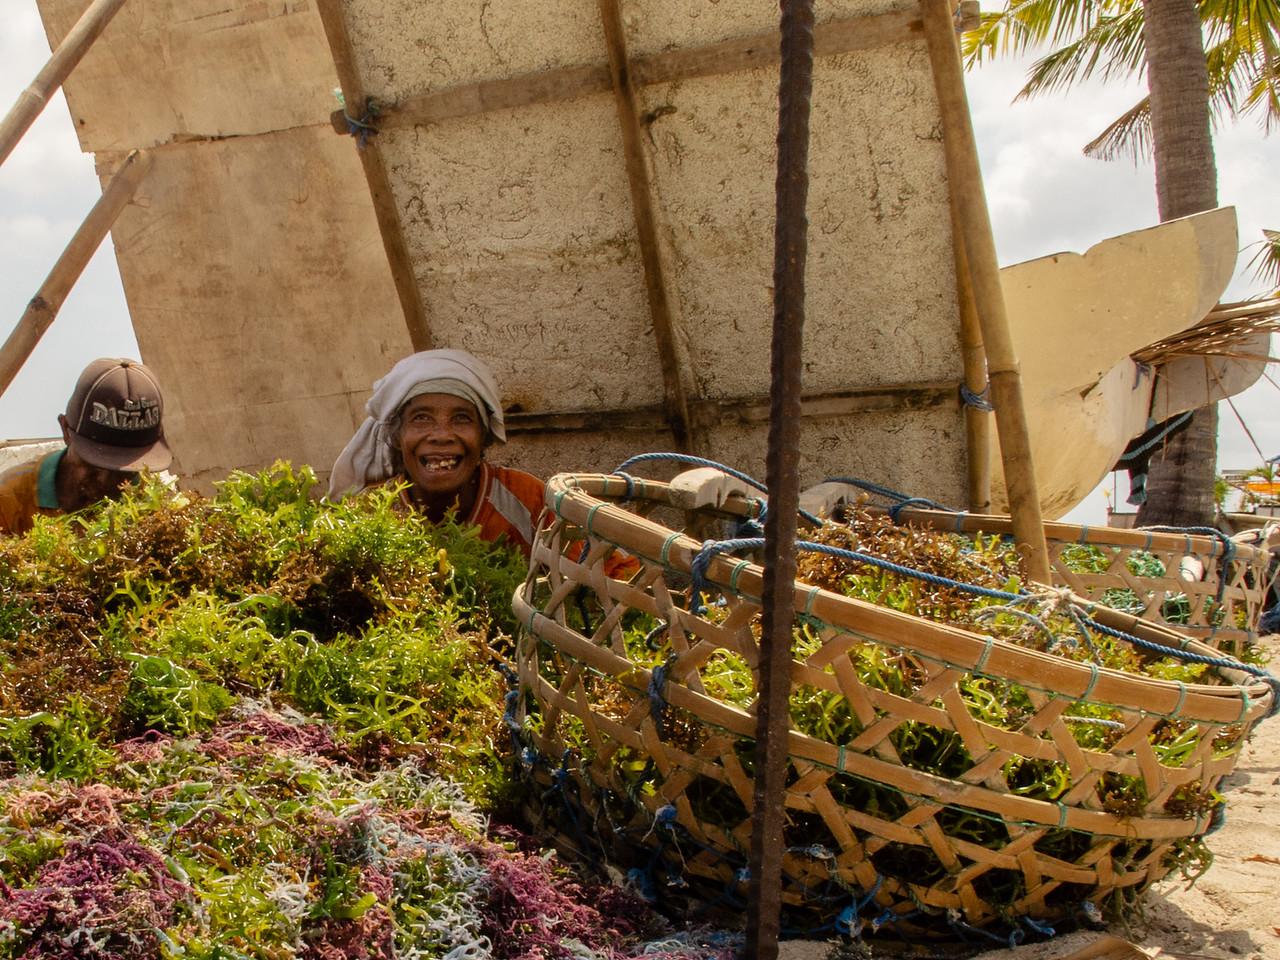 Nusa Lembongan Seaweed Farmer Proudly Showing Her Crop